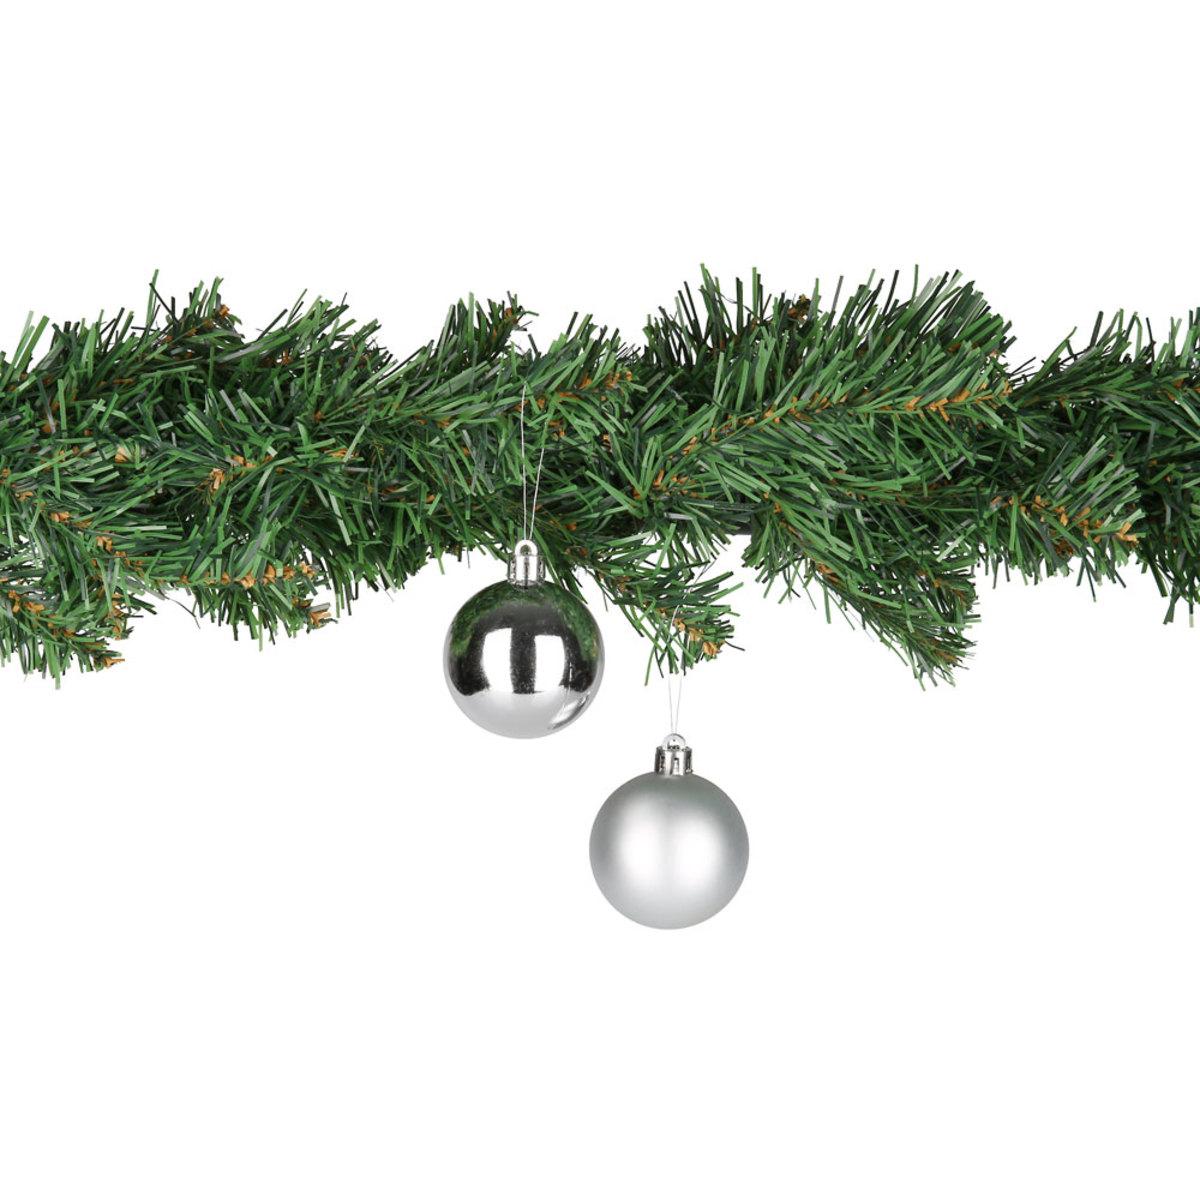 Bild 3 von Weihnachtskugeln 5 cm, 8er-Pack silber